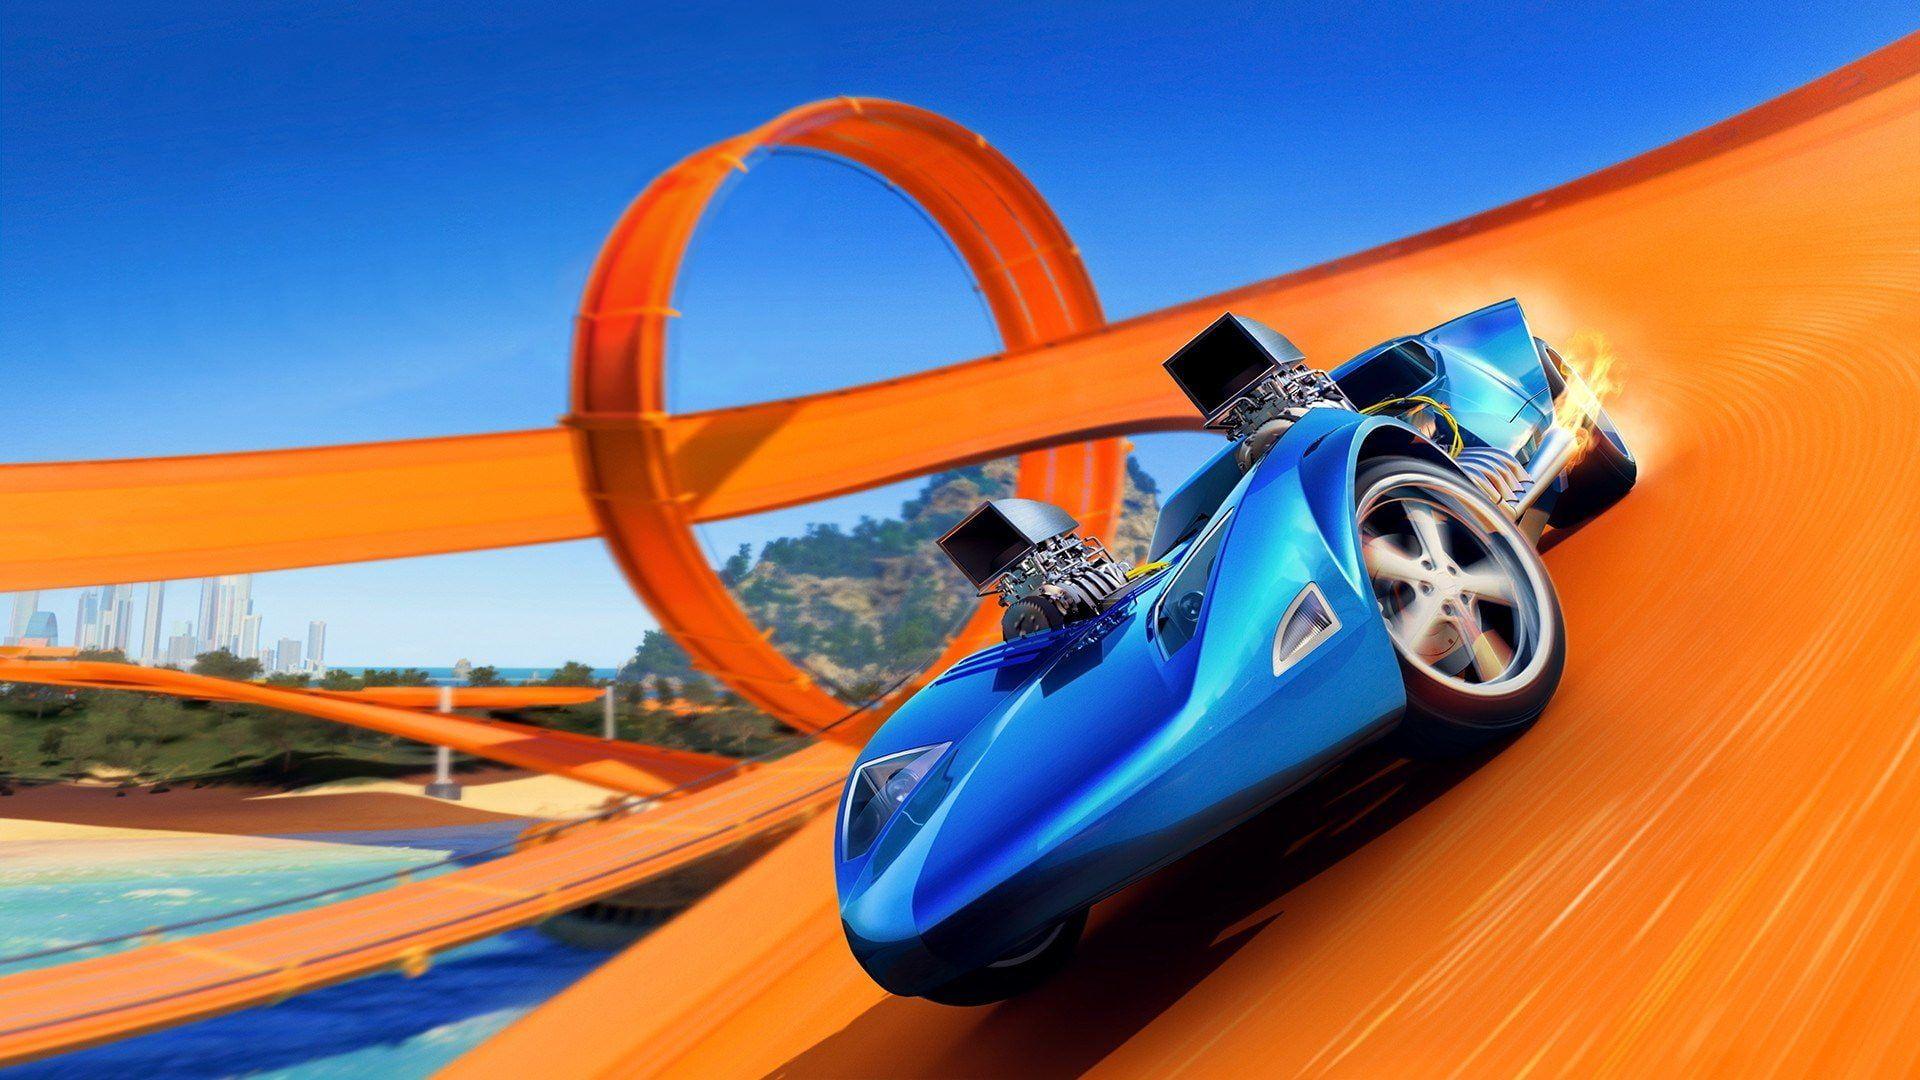 Hot Wheels Twin Mill Racer 1080p Wallpaper Hdwallpaper Desktop Hot Wheels Sports Cars Luxury Racer